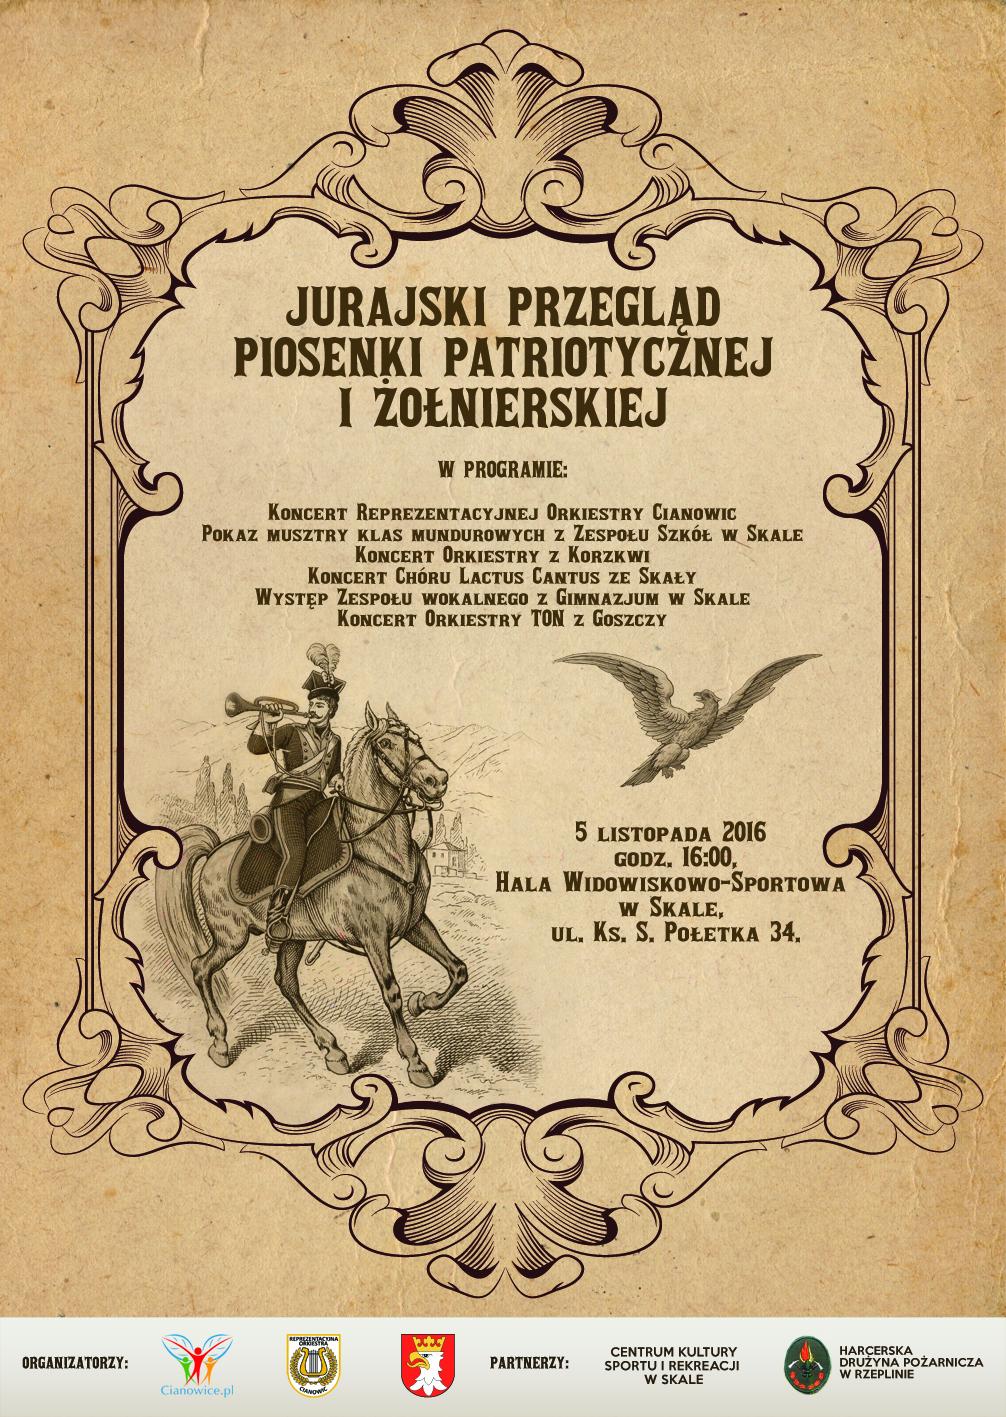 Jurajski Przegląd Piosenki Patriotycznej i Żołnierskiej @ Hala Widowiskowo-Sportowa | Skała | małopolskie | Polska